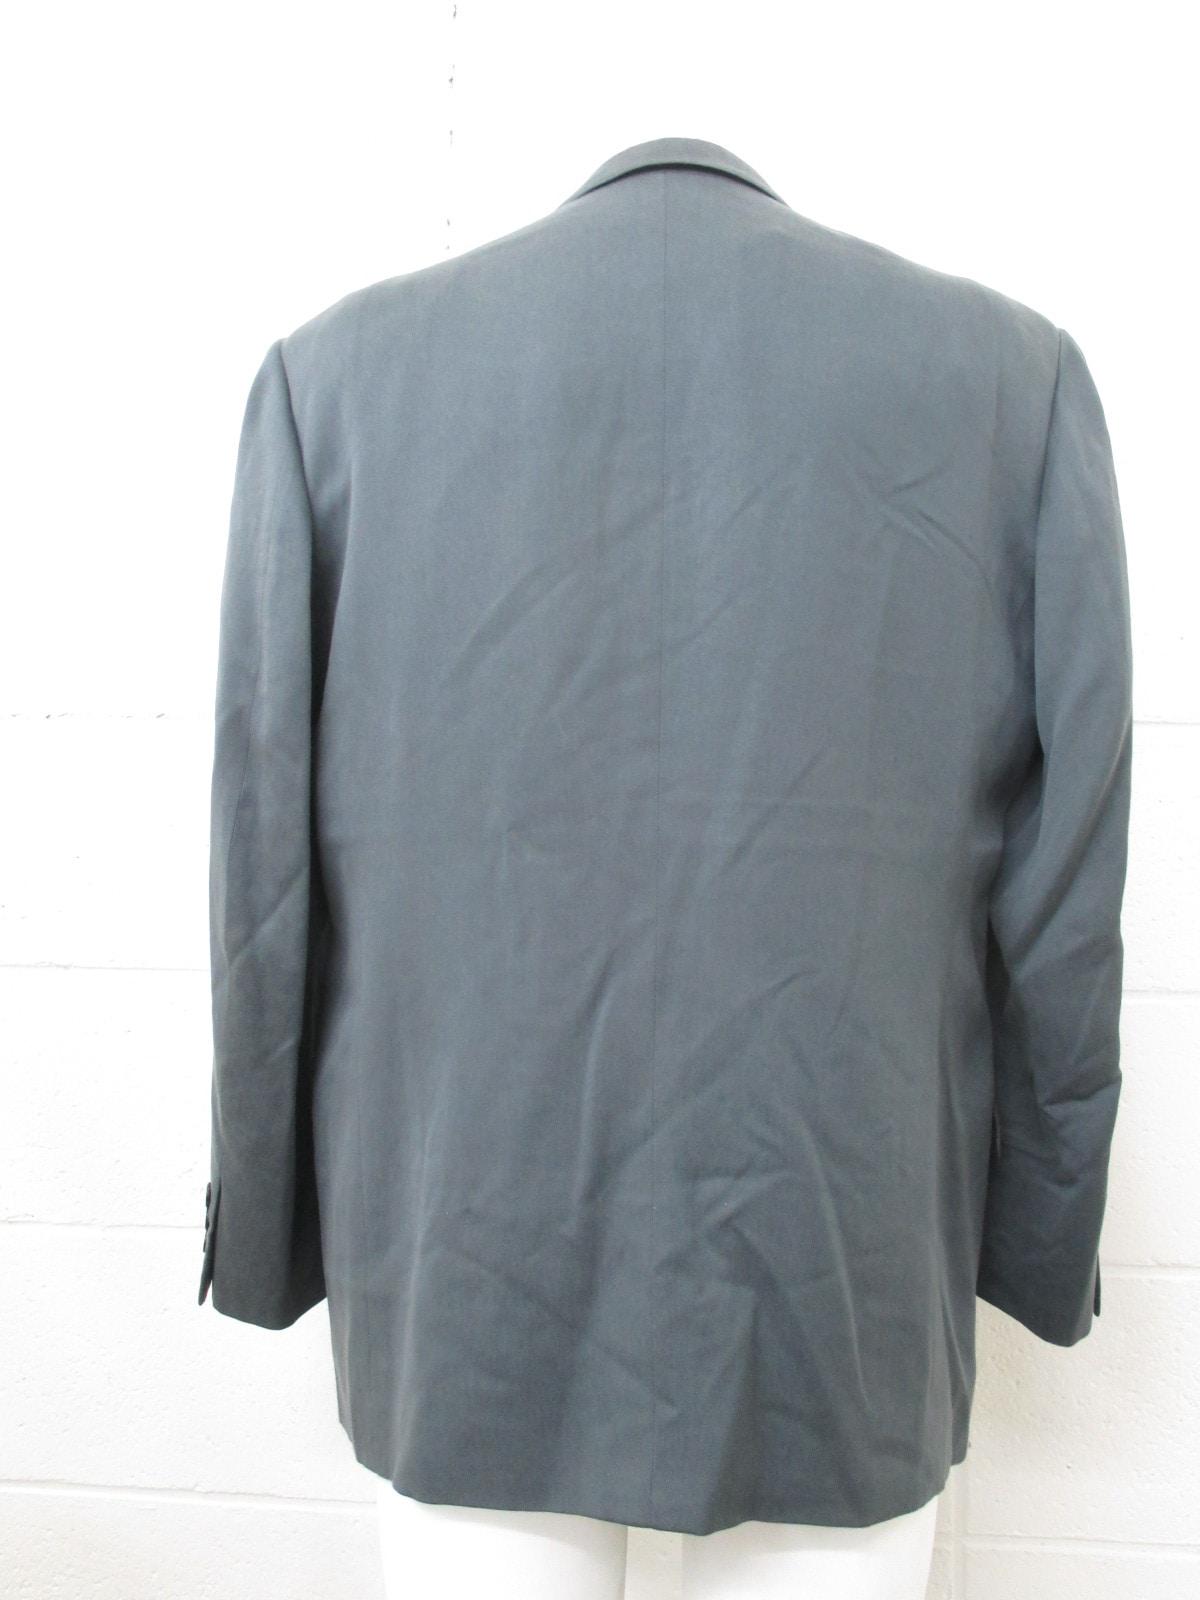 NINARICCI(ニナリッチ)のジャケット